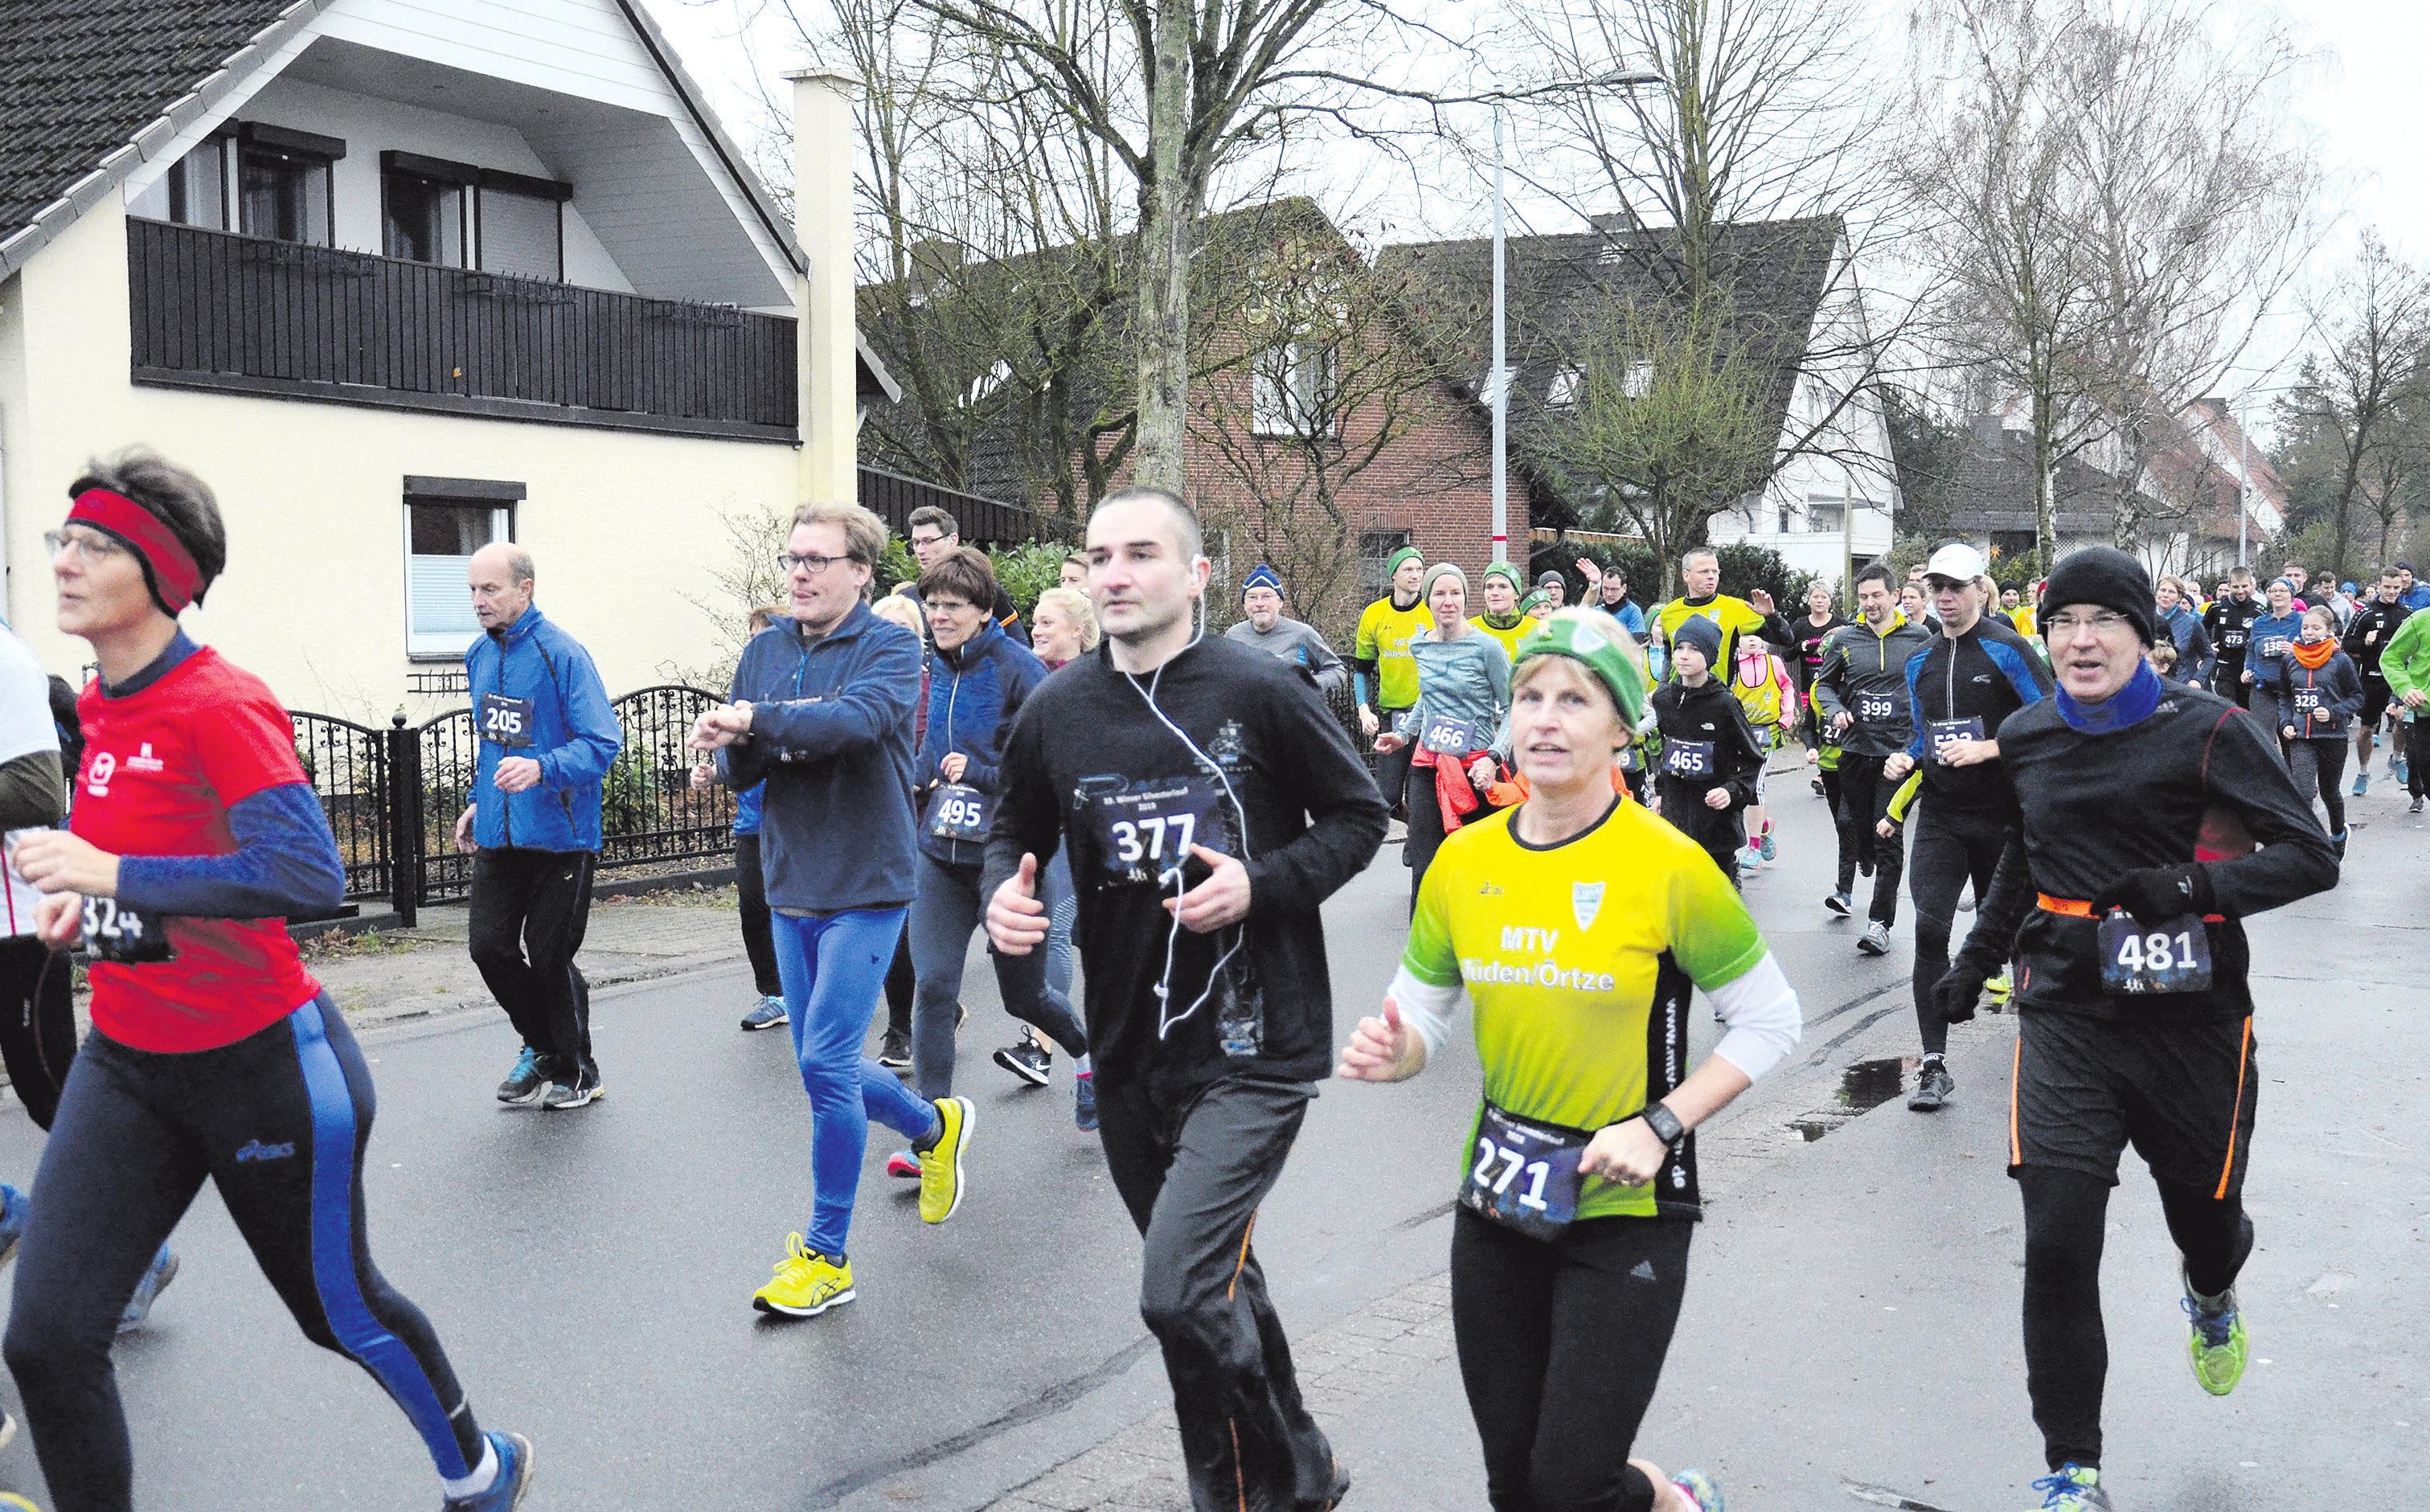 Rund 400 Teilnehmer gingen am vergangenen Montag beim traditionellen Silvesterlauf wieder auf die Strecken.